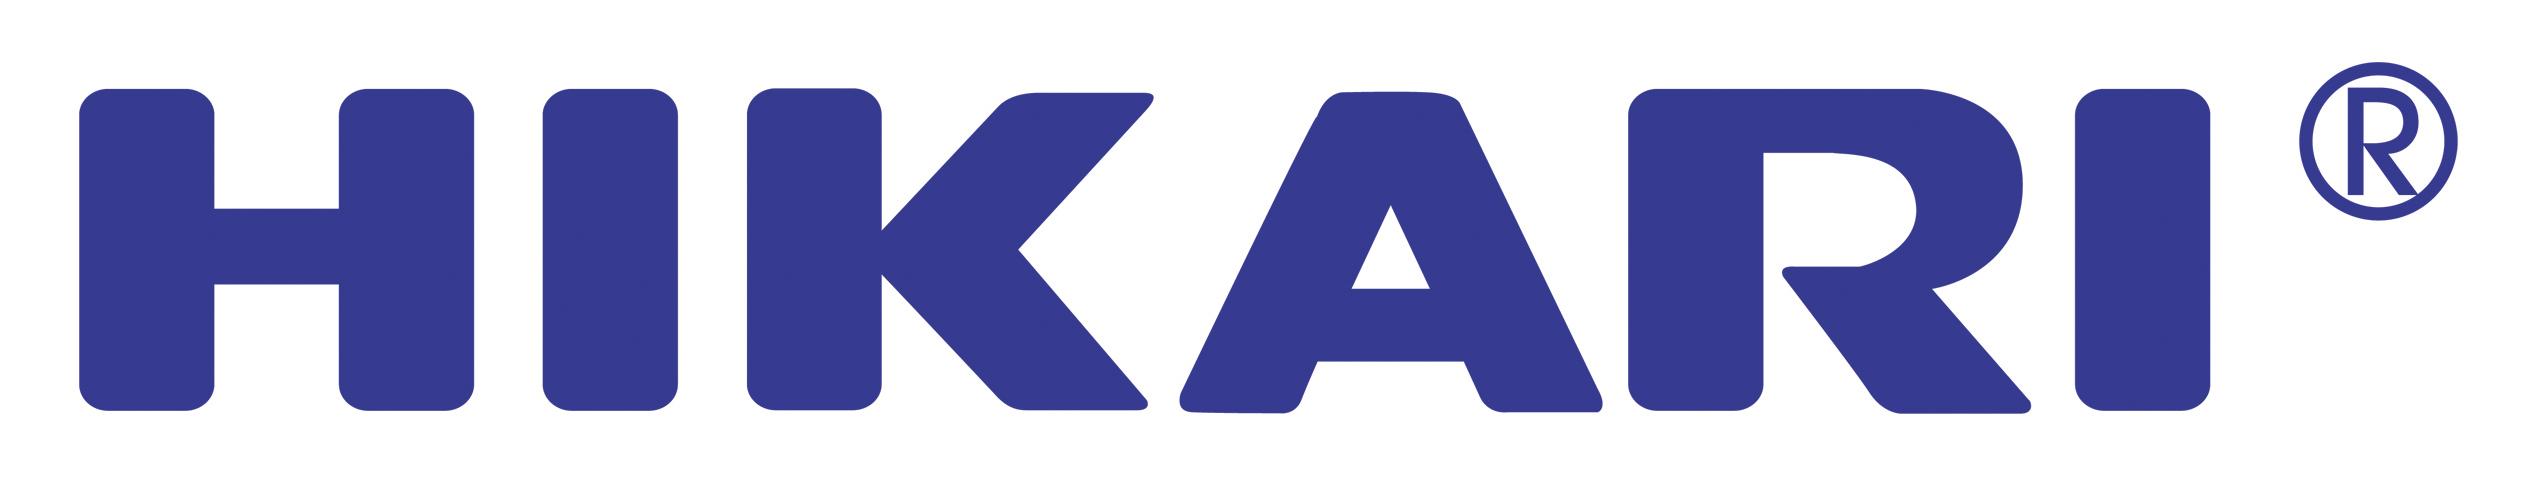 logo 标识 标志 设计 矢量 矢量图 素材 图标 2529_484